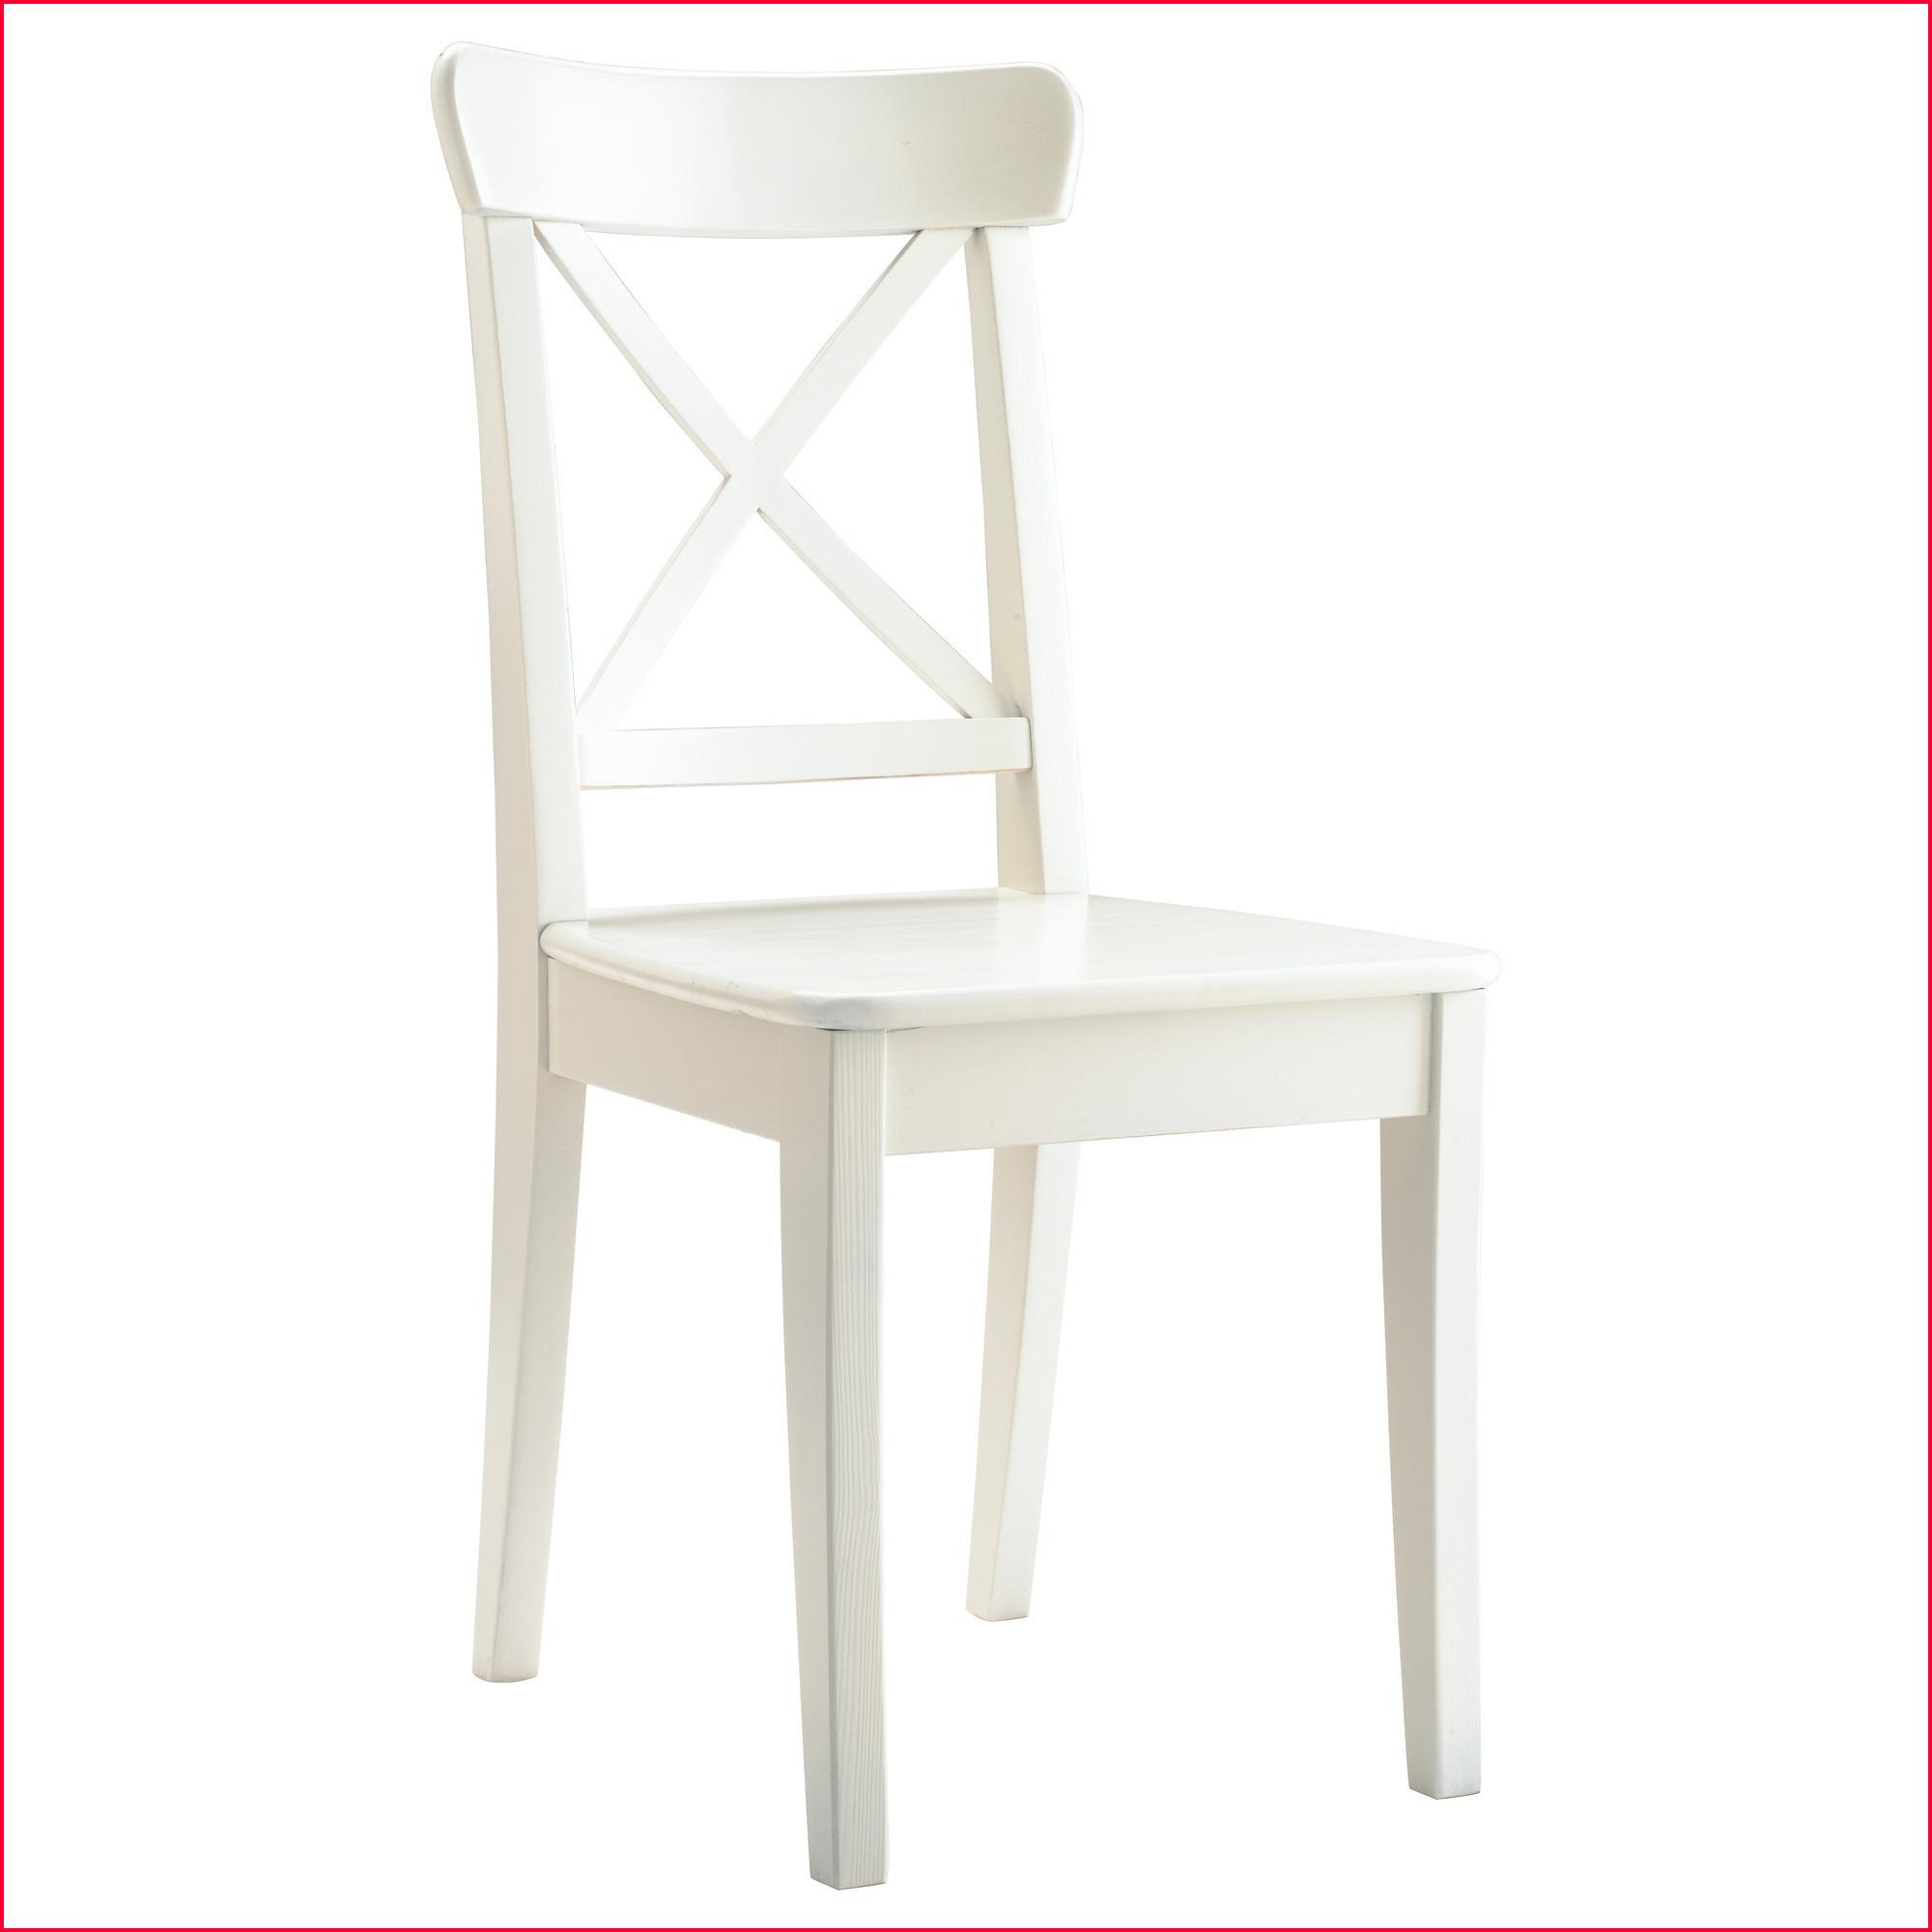 Ikea Sillas Cocina Gdd0 Encantador Ikea Sillas Cocina Galerà A De Silla Ideas Silla